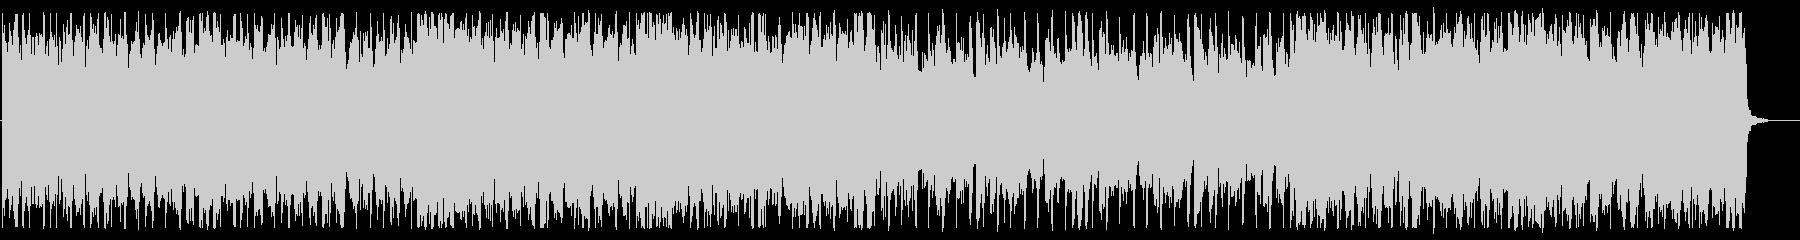 シンプル/ディスコ_No439_2の未再生の波形